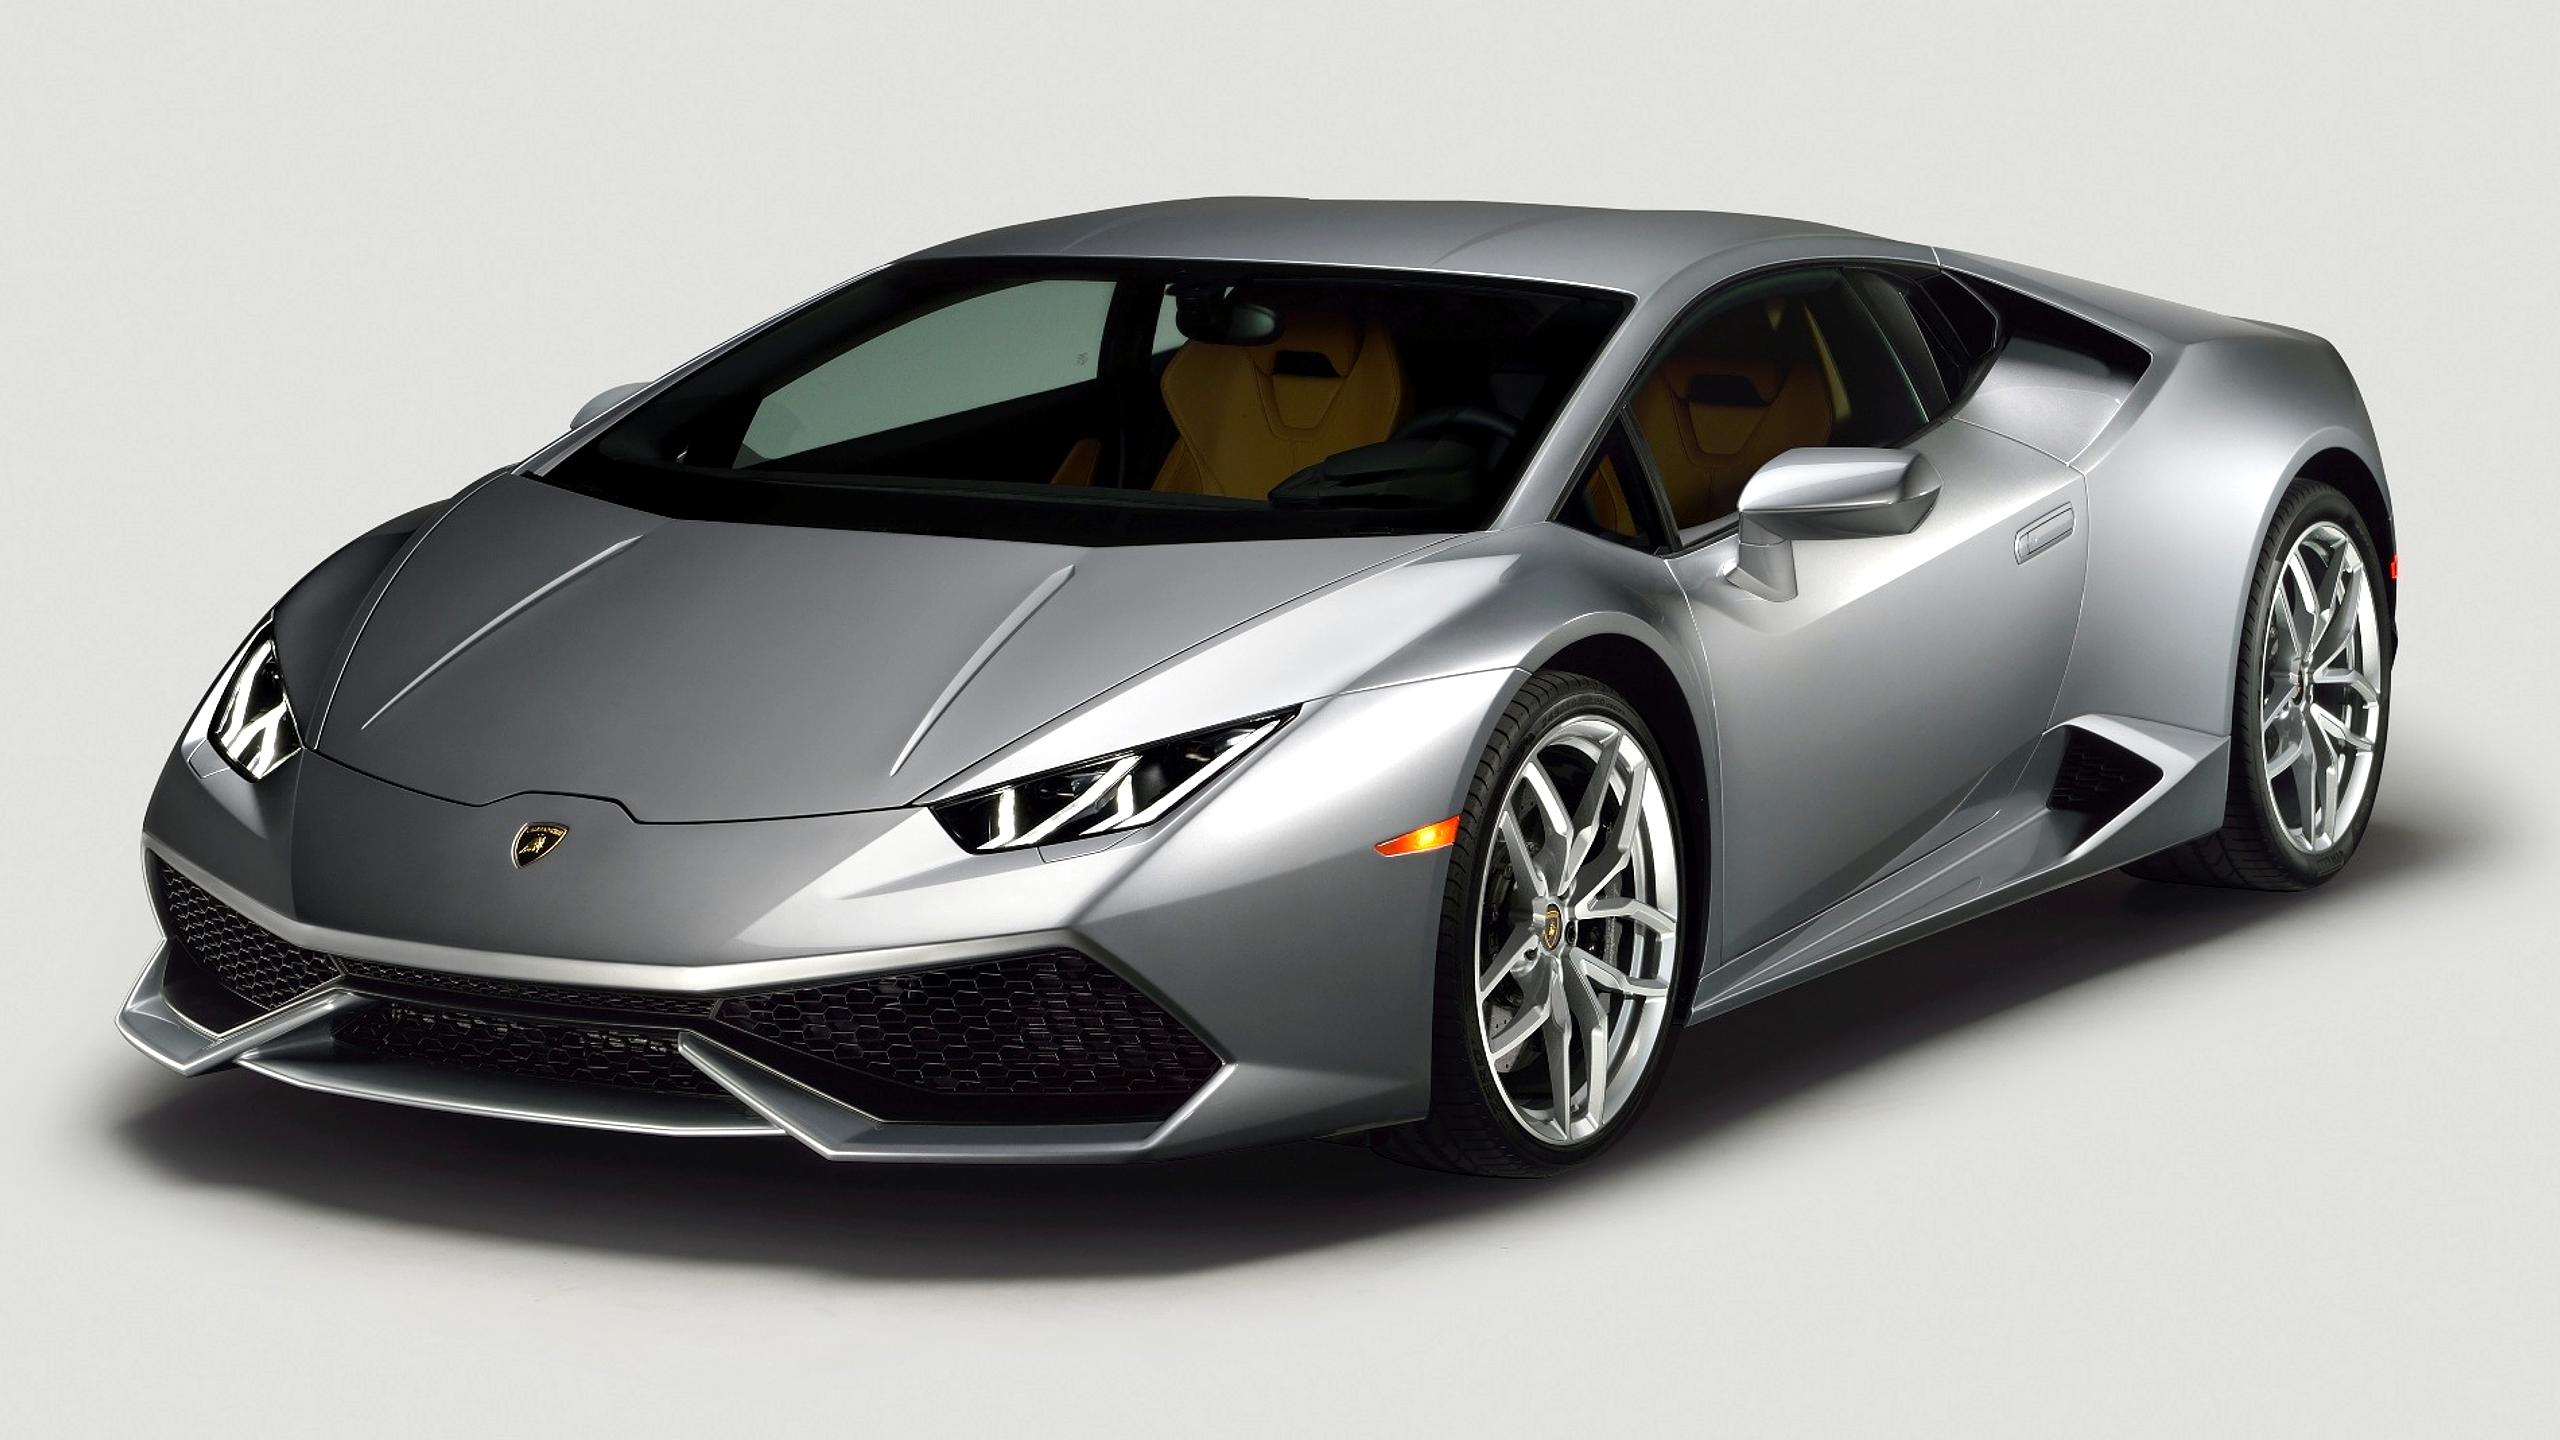 Silver And Black Lamborghini Wallpaper 12 Widescreen Wallpaper